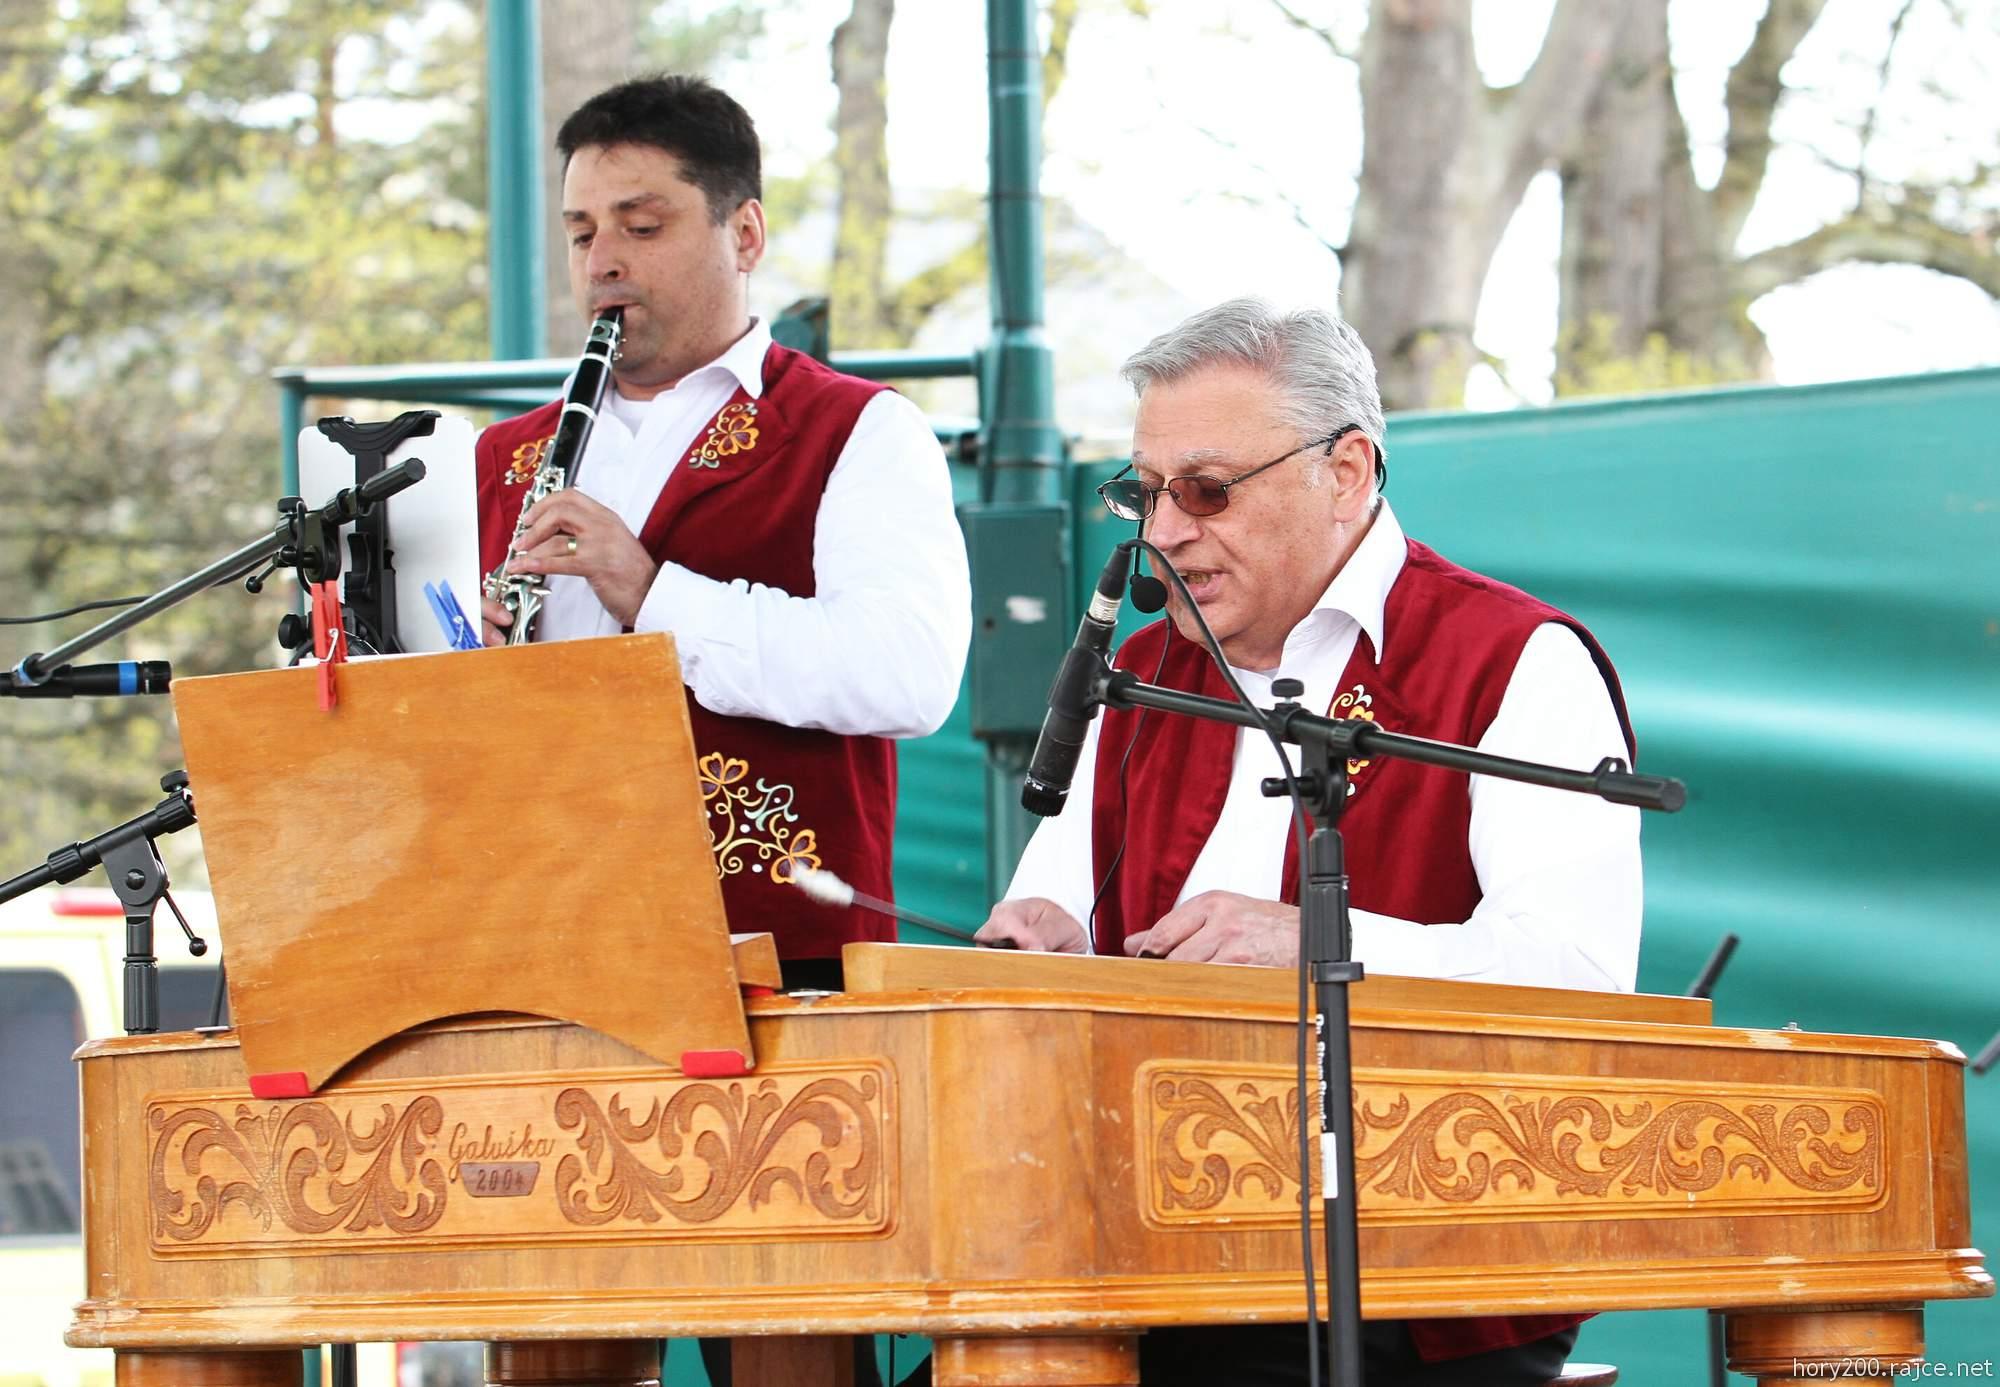 Městské slavnosti s cimbálovou muzikou